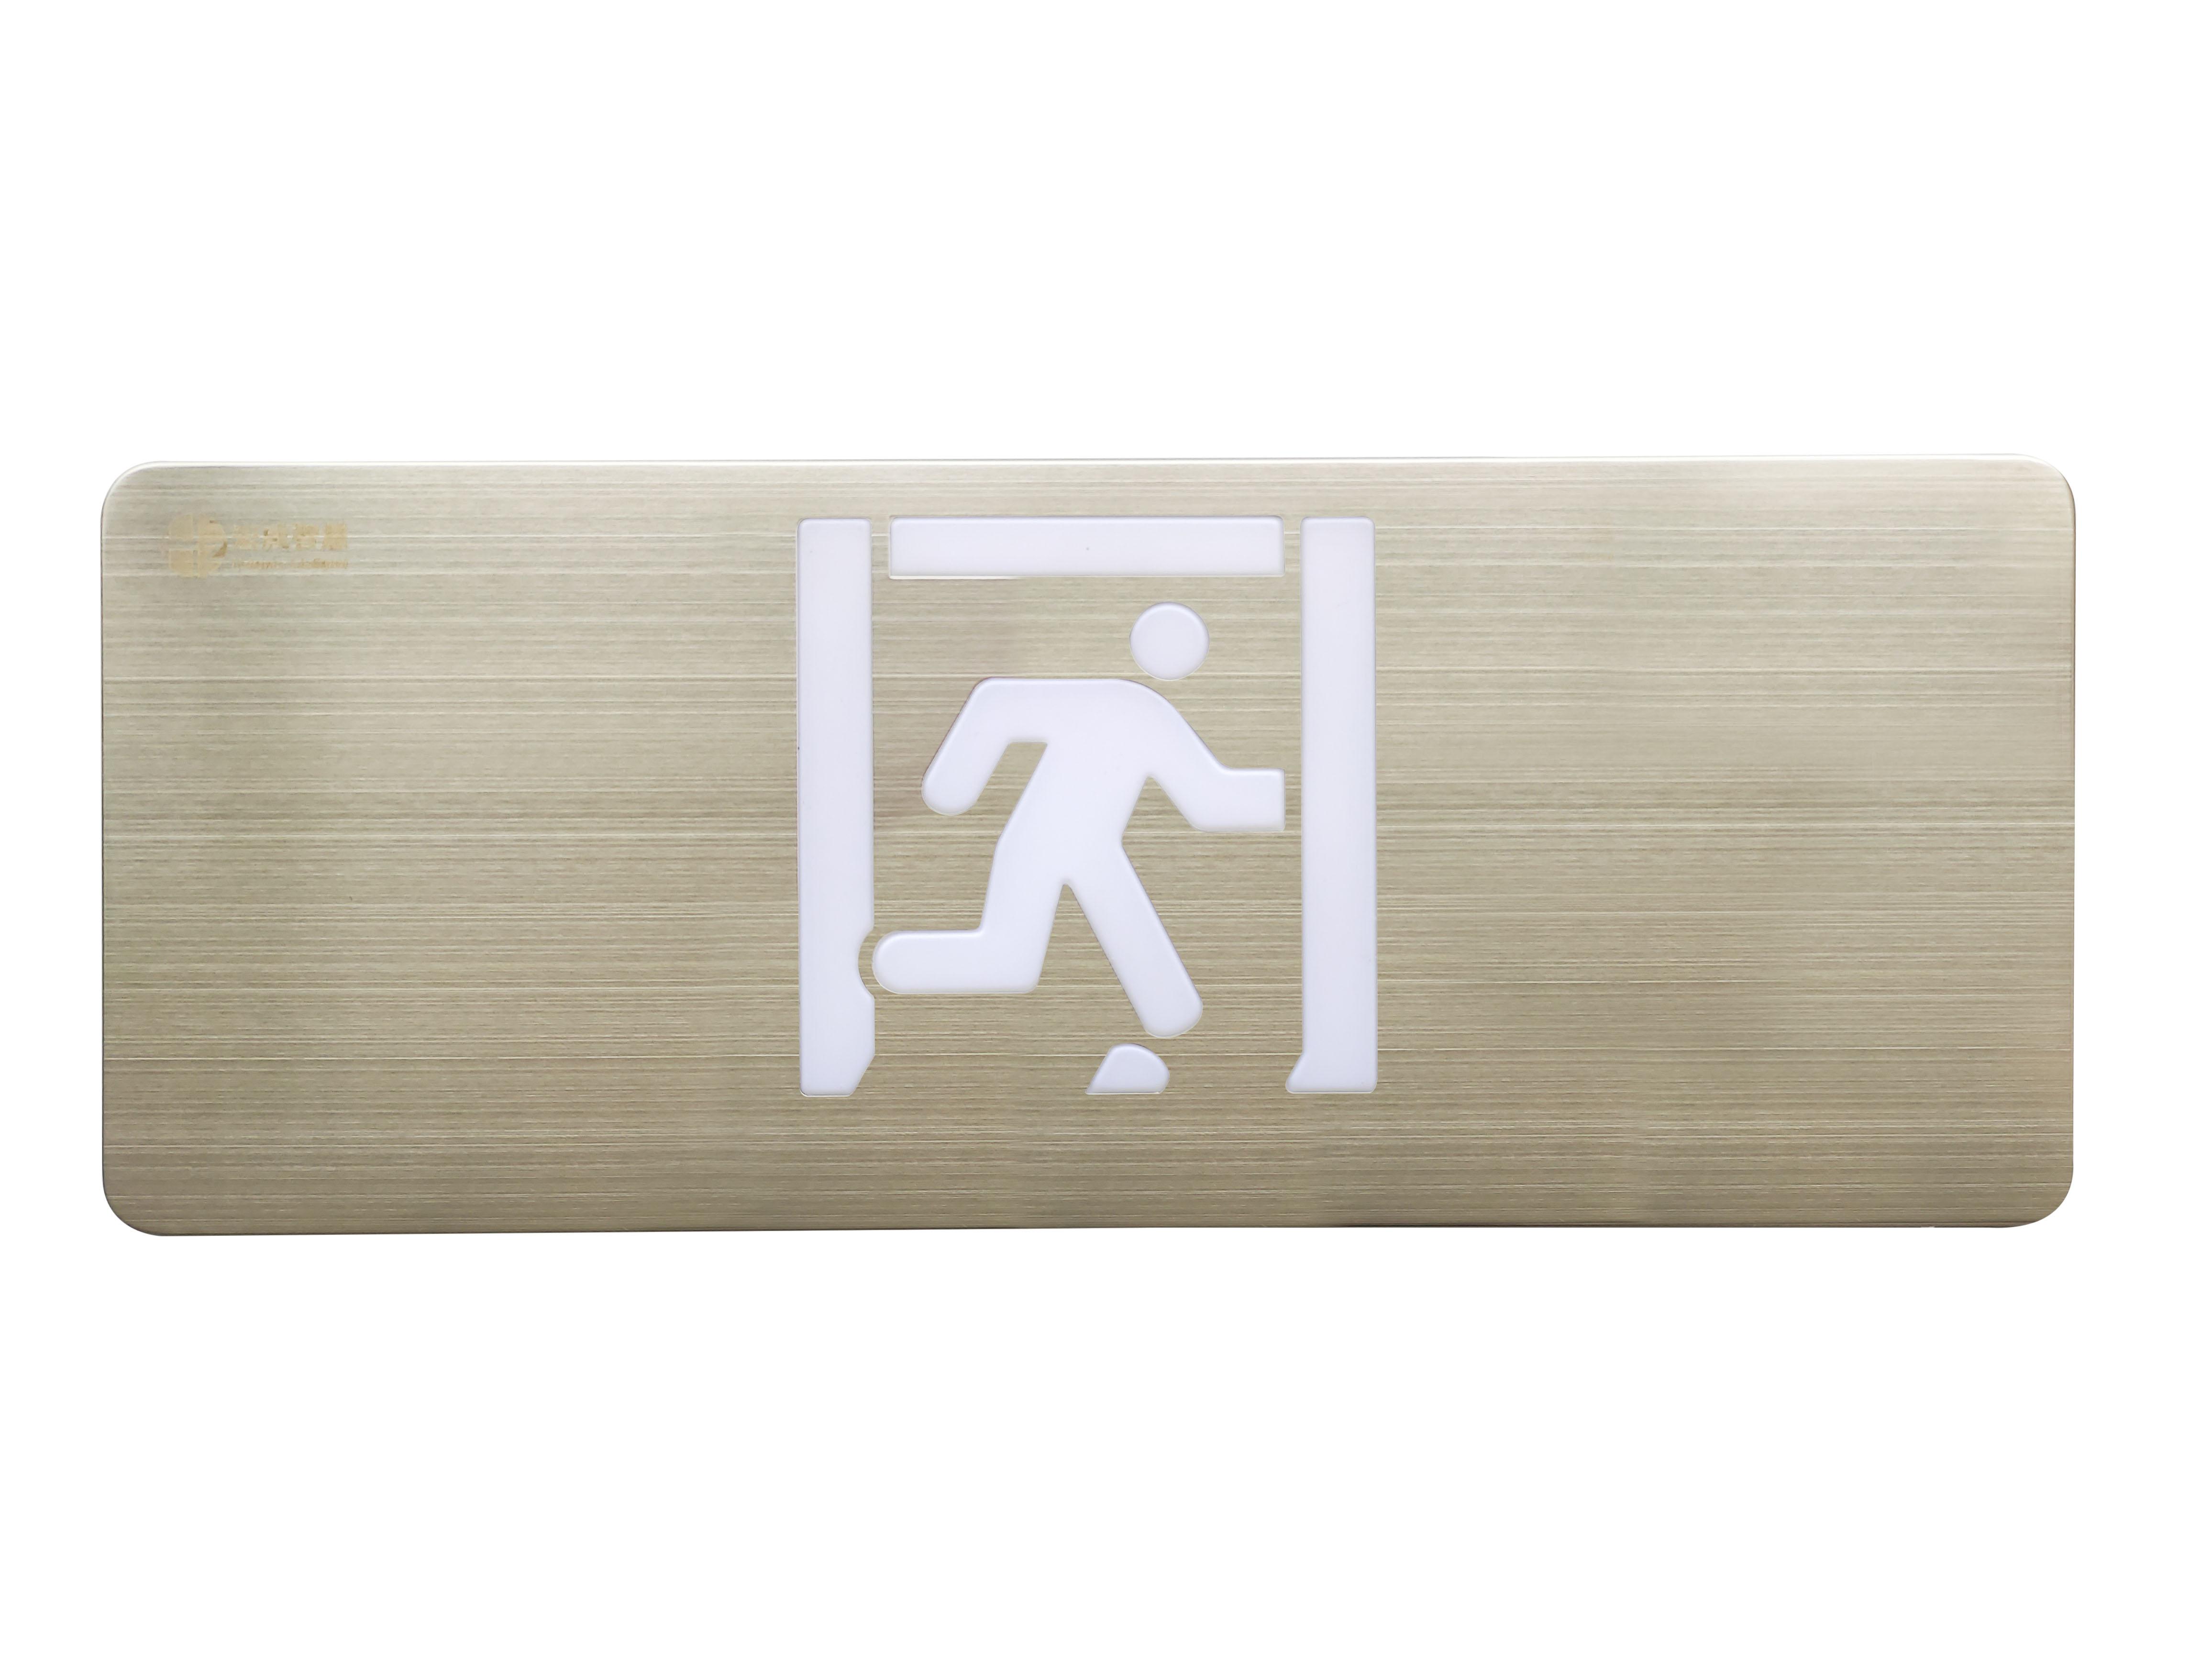 超簿不锈钢 集中电源集中控制型消防应急标志灯具